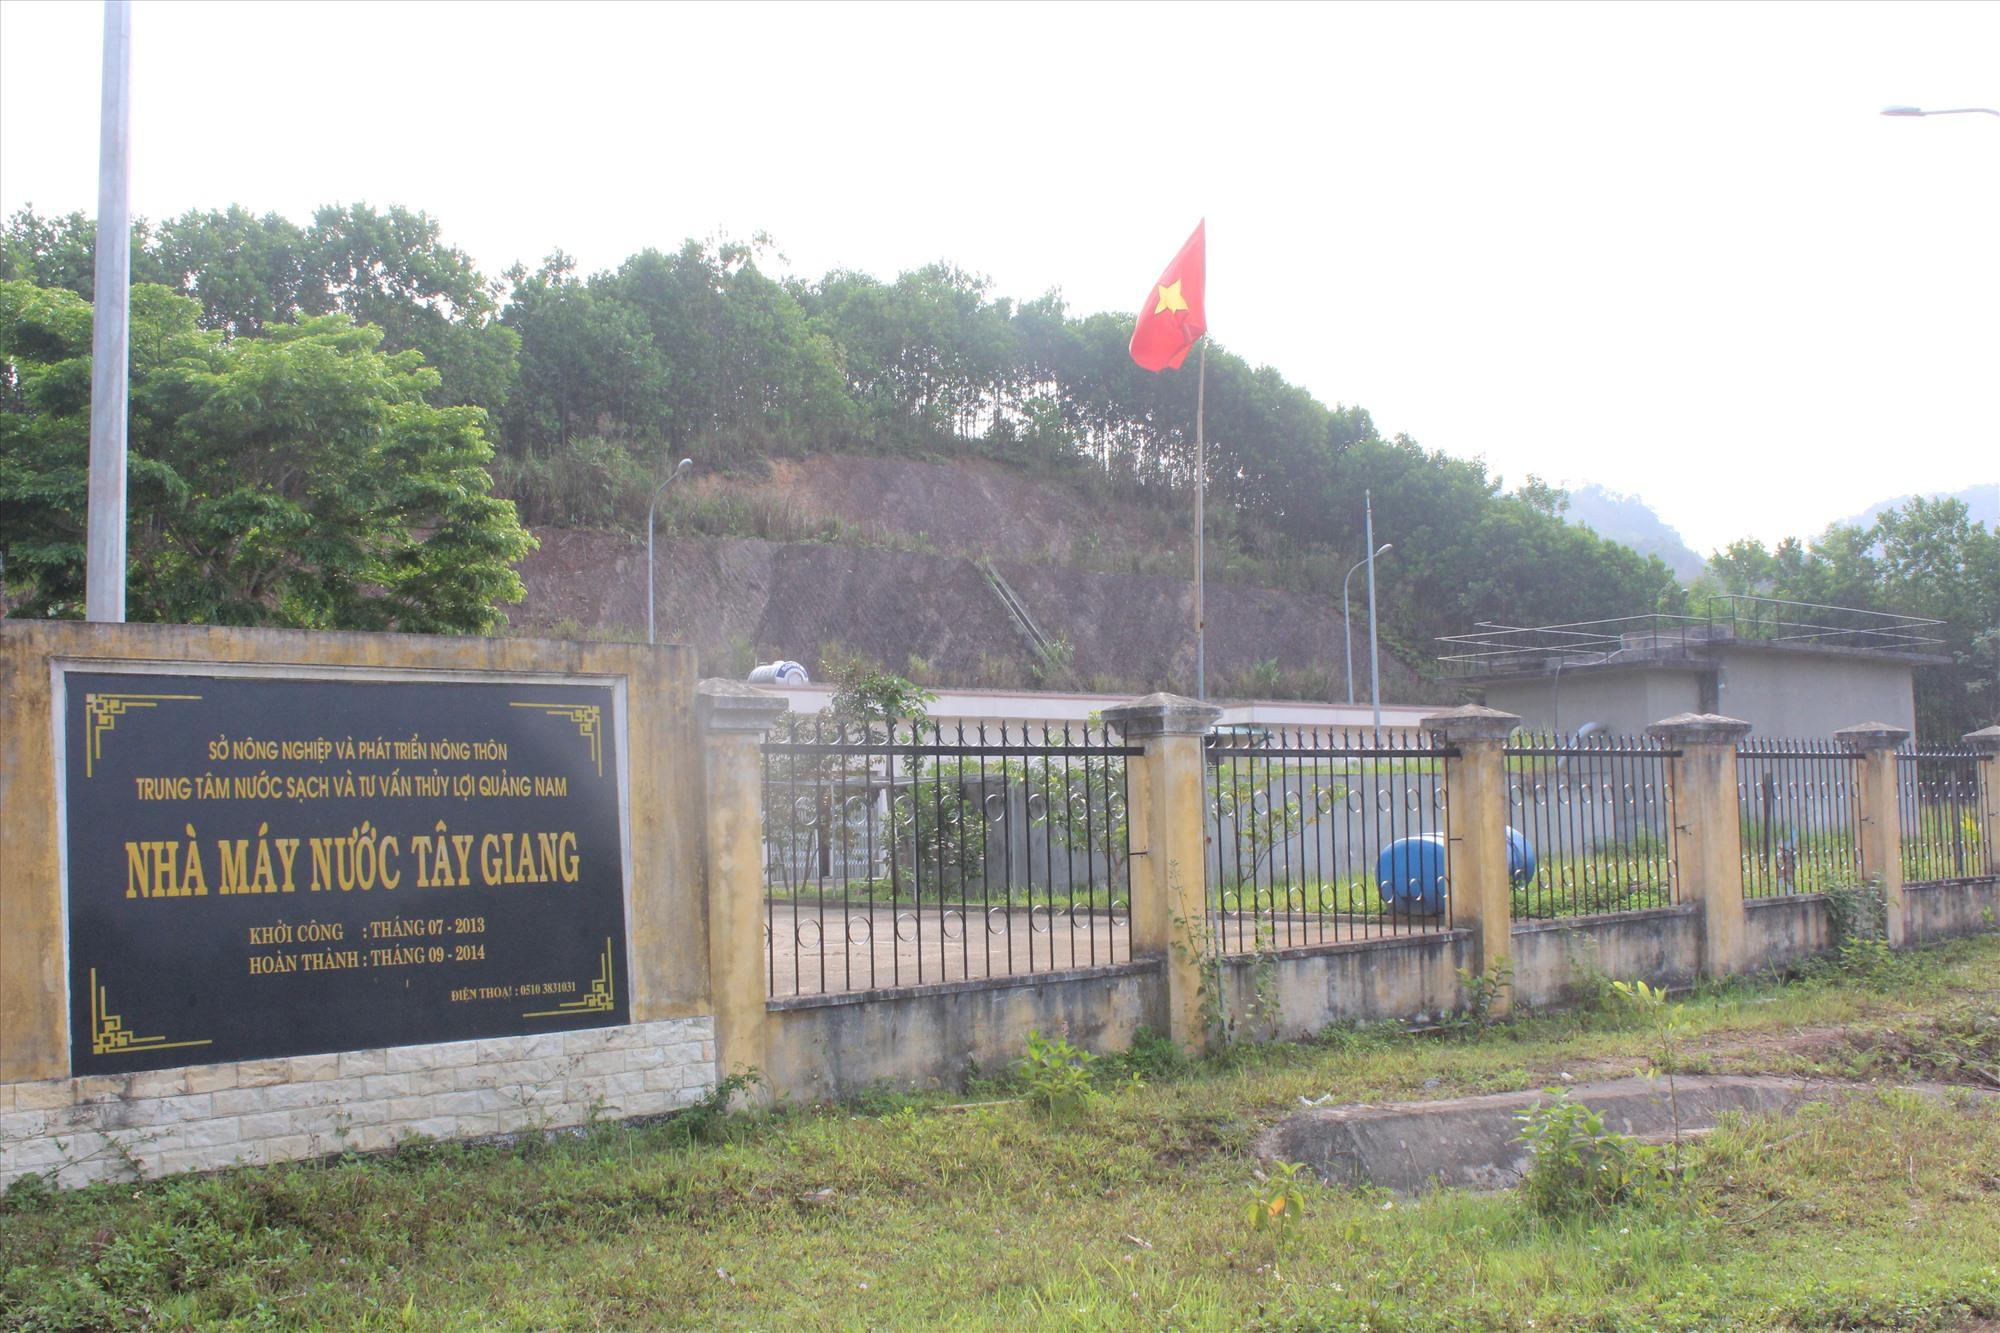 Nhà máy nước sạch tại trung tâm huyện Tây Giang hoạt động khó khăn do thiếu nguồn nước. Ảnh: Đ.H